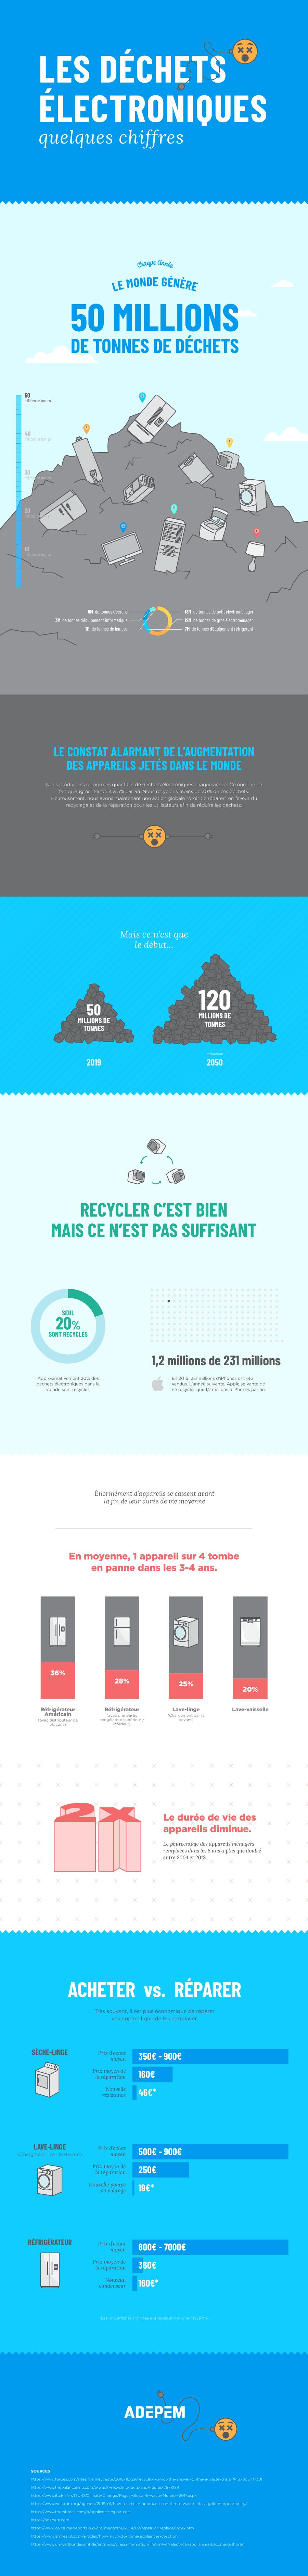 Quelques chiffres sur les déchets électroniques